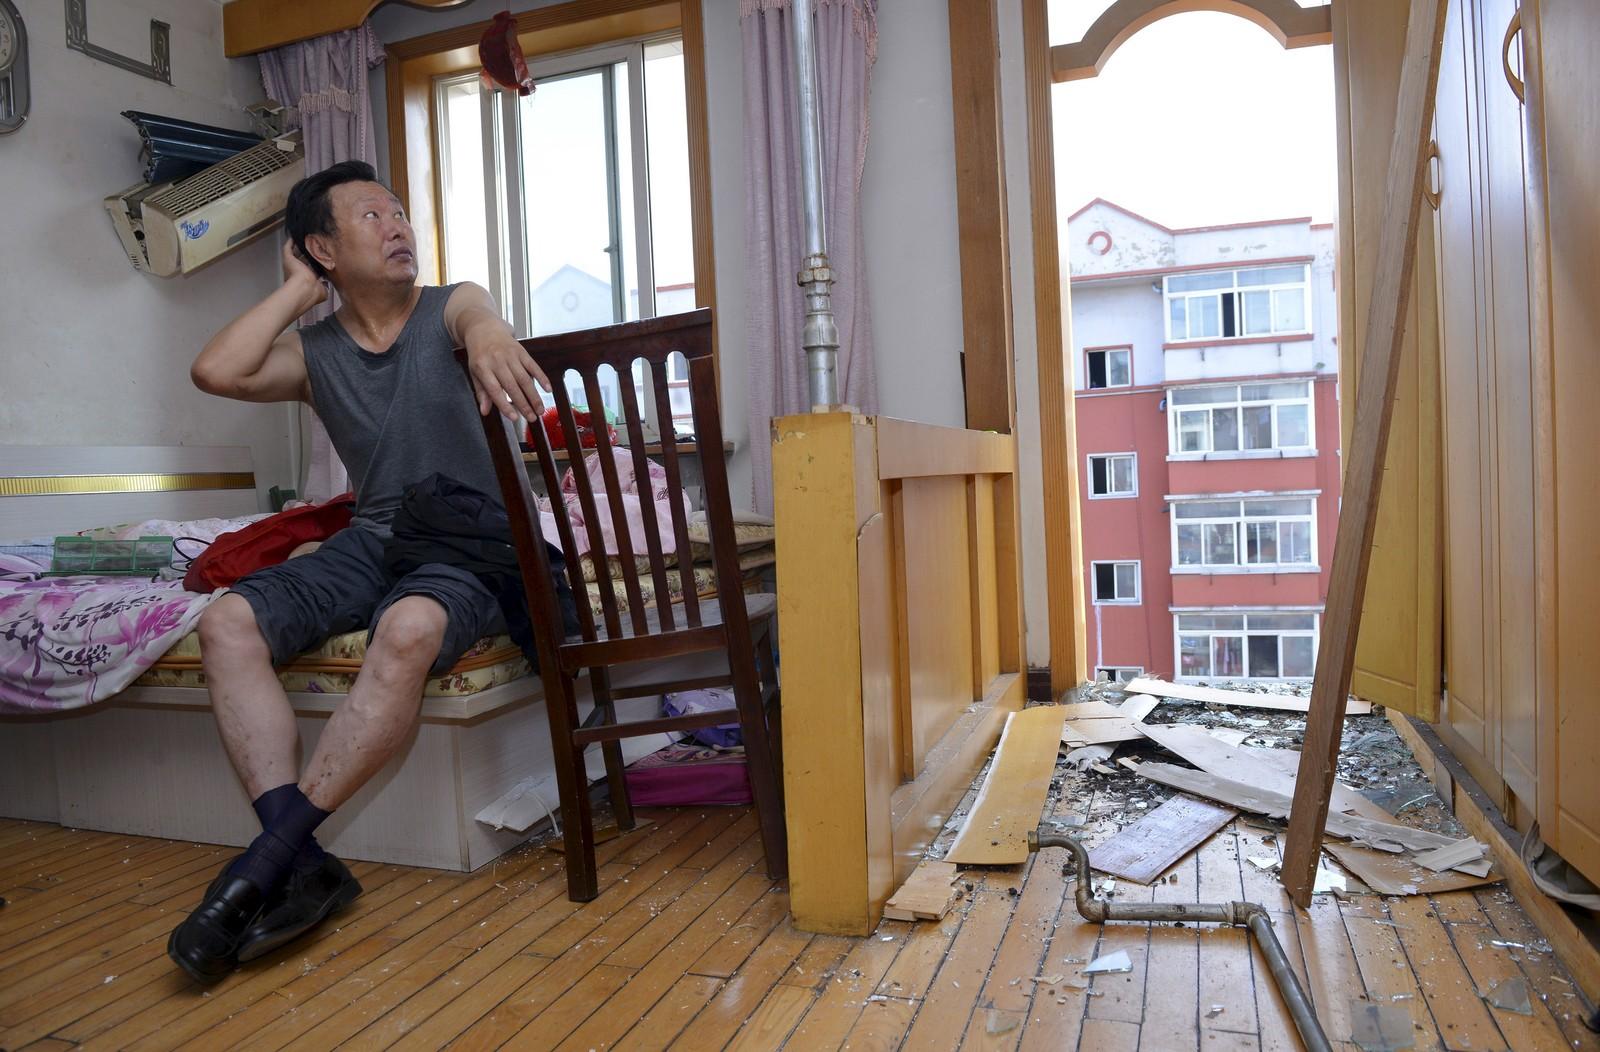 Denne mannen måtte sette seg ned for å fordøye det absurde som nettopp skjedde utenfor leiligheten sin i Shenyang, nord i Kina. Balkongen raste plutselig fra hverandre og landet midt på fortauet seks etasjer nedenfor. Ingen ble heldigvis skadd i hendelsen.